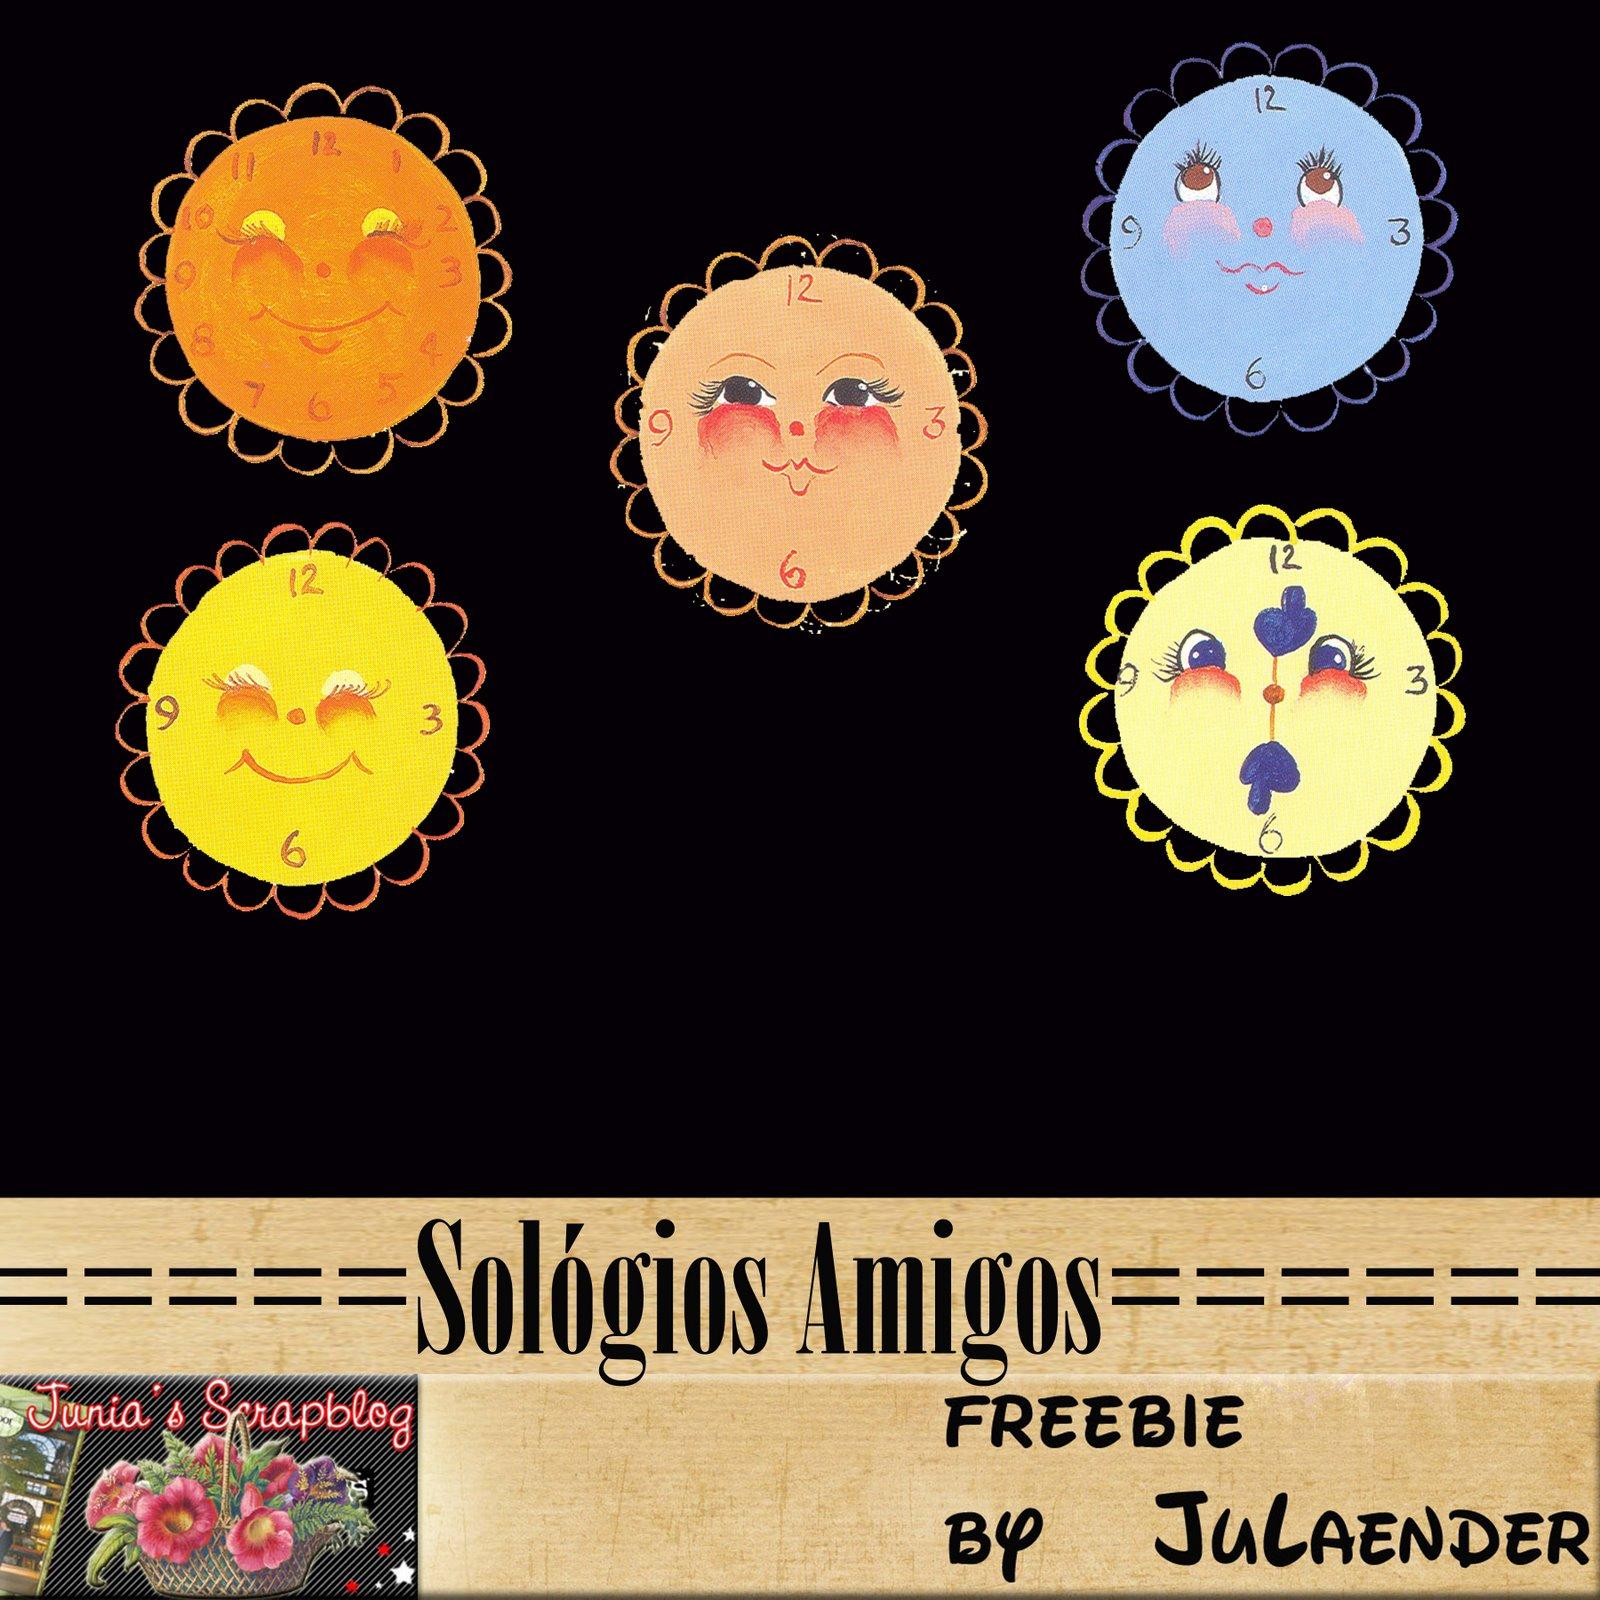 [Sológios+Amigos.jpg]